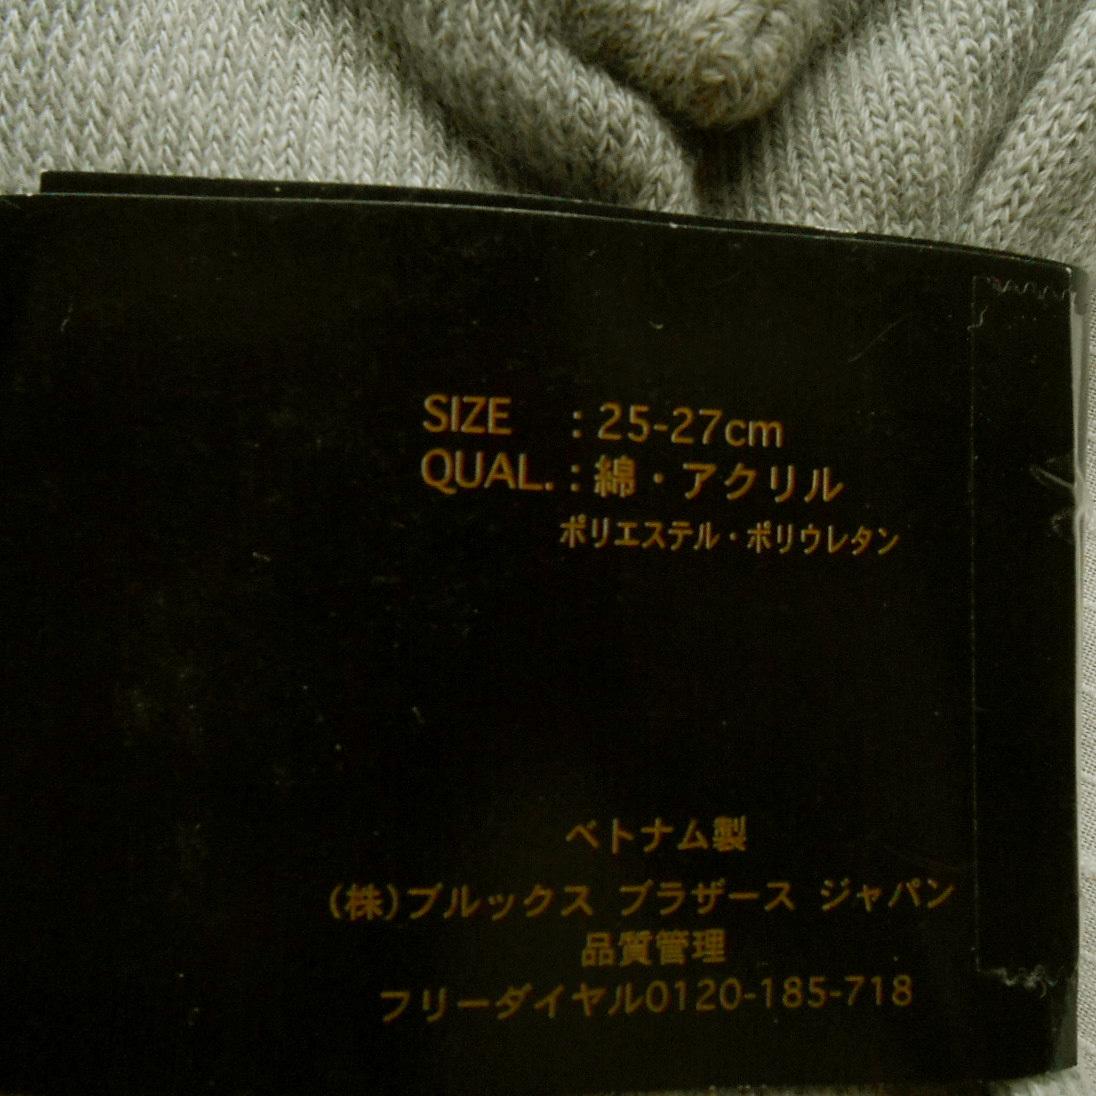 ■ブルックス ブラザーズ ジャパンBrooks Brothers■紳士 メンズ ソックス靴下■2足セット■25-27cm■未使用品■_画像7